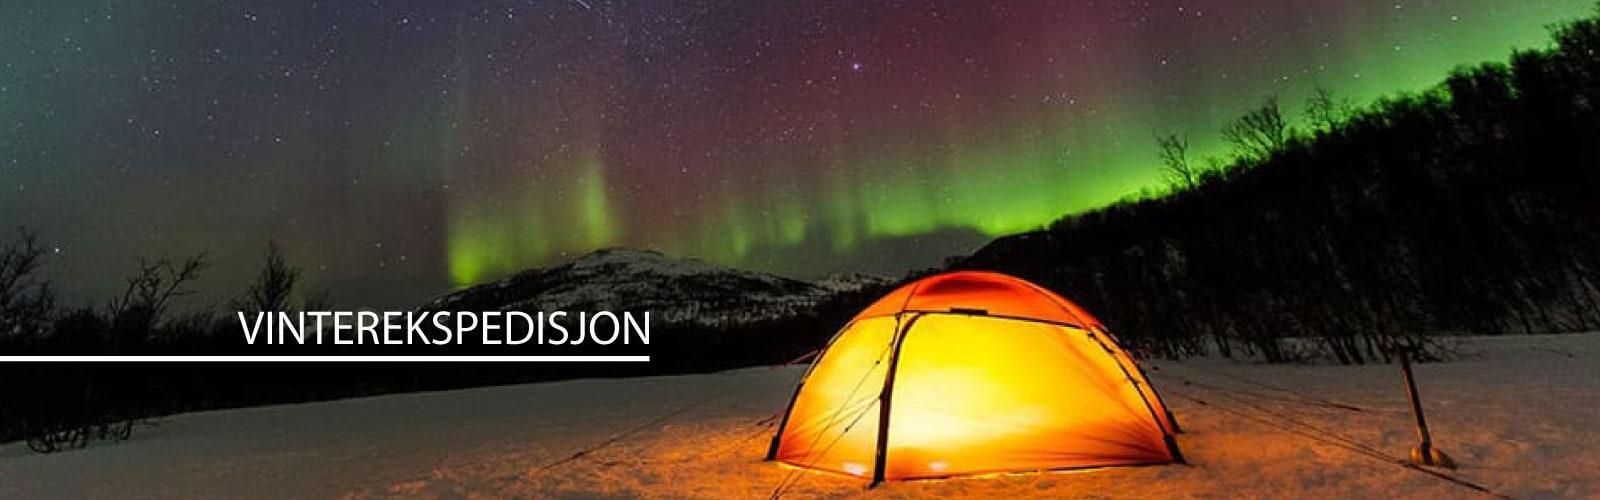 Vinterekspedisjon